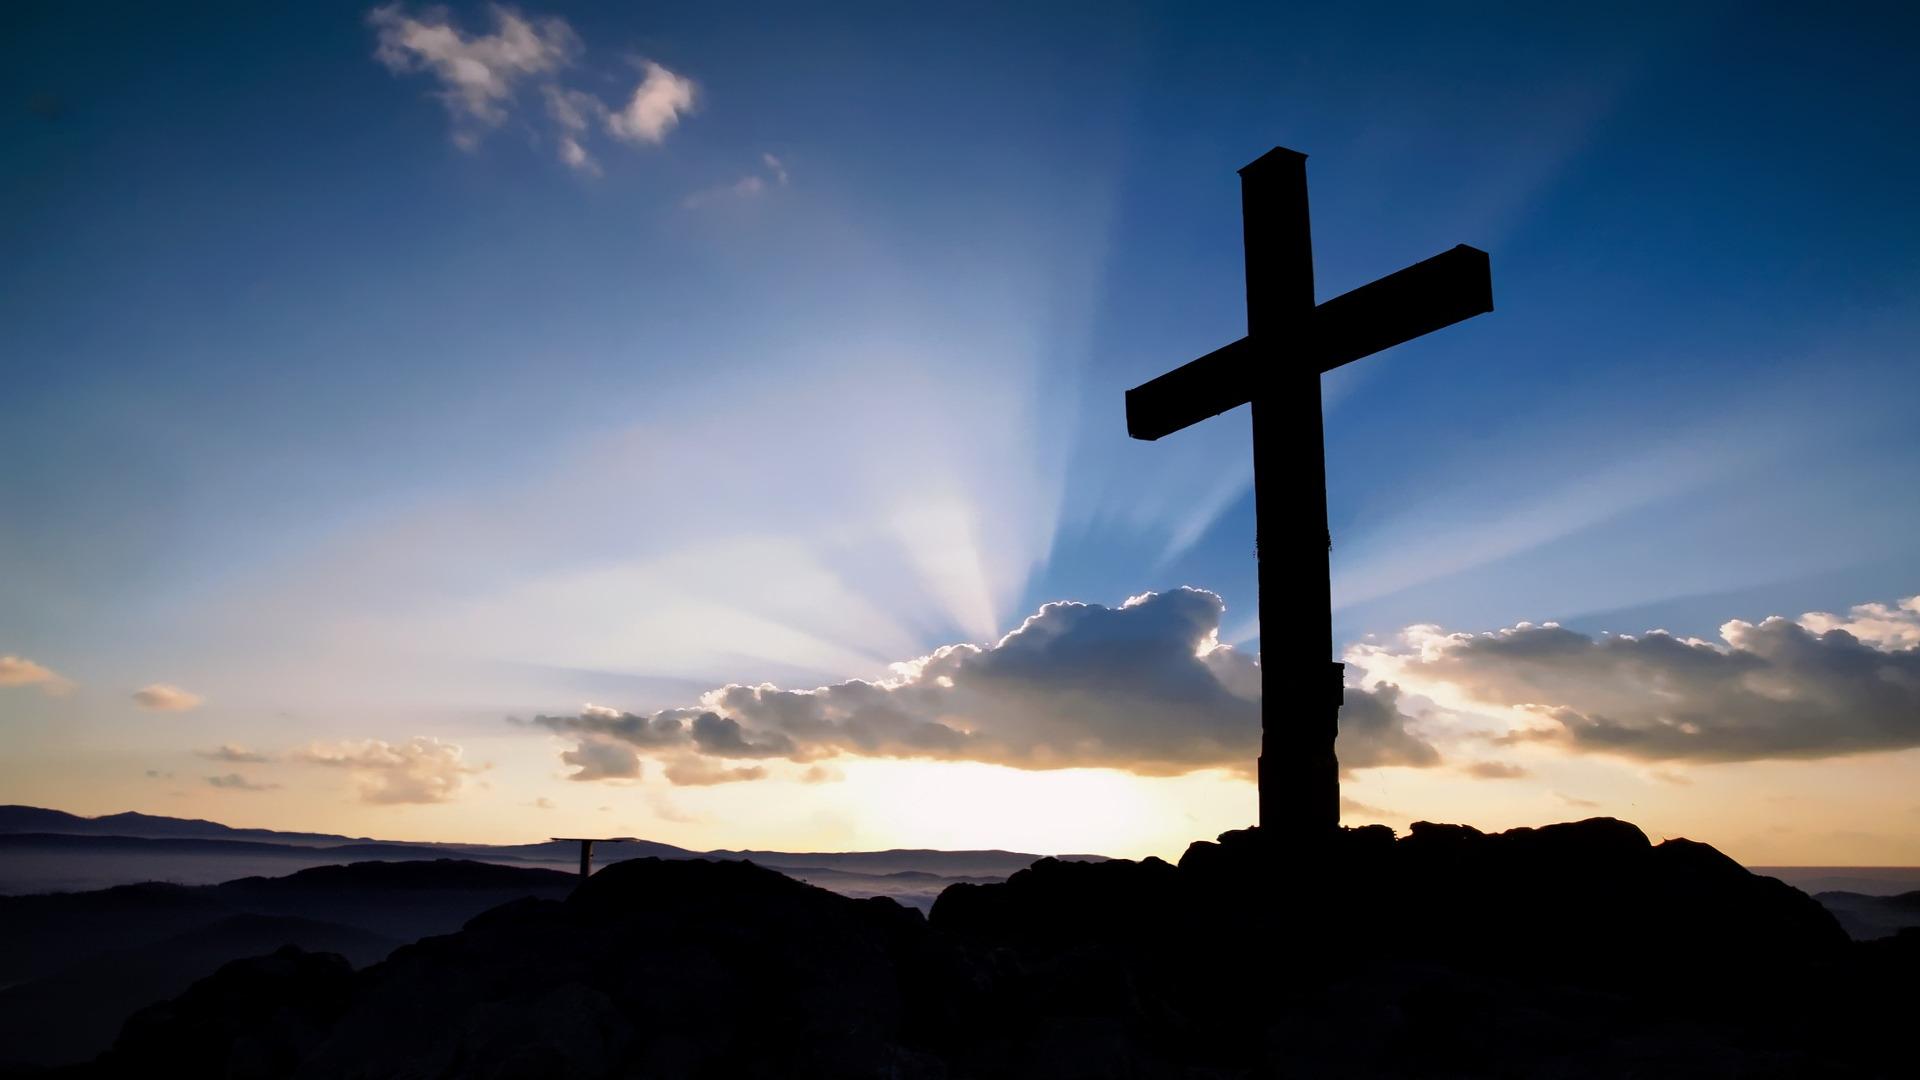 hallados-unos-clavos-que-podrian-haber-sido-utilizados-en-la-crucifixion-de-Cristo-1920